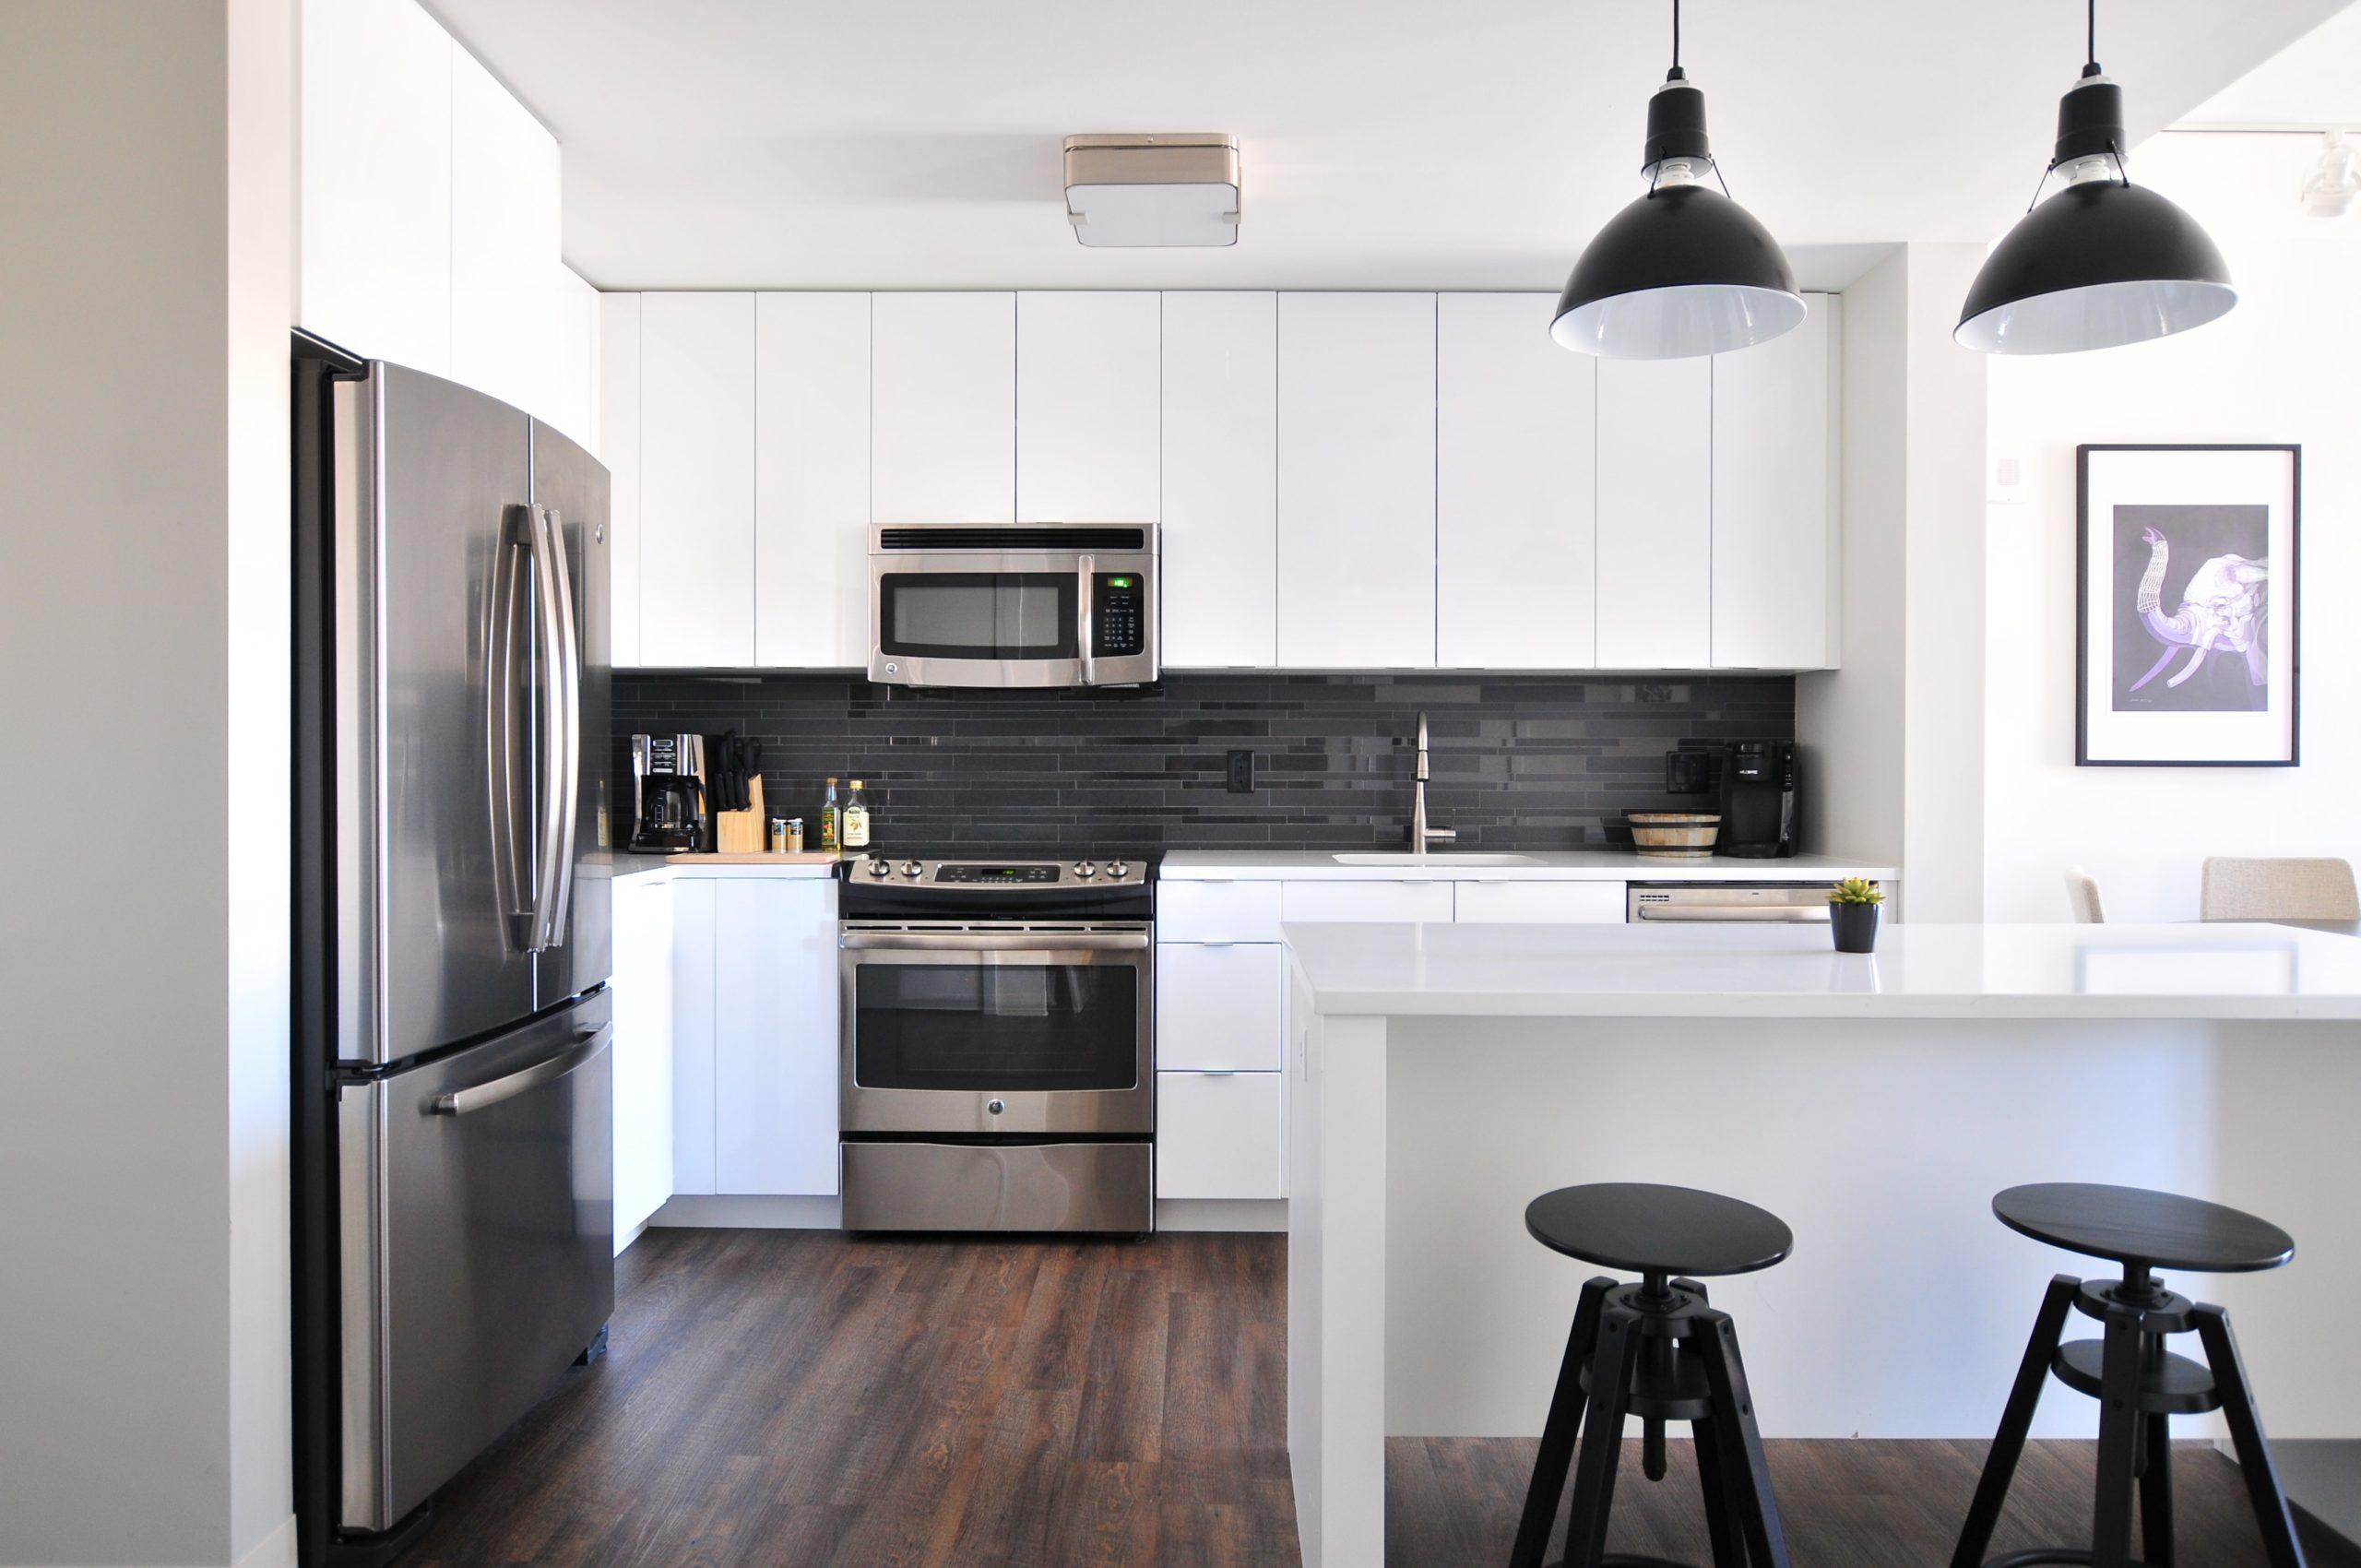 Les 6 avantages d'acheter de l'immobilier neuf